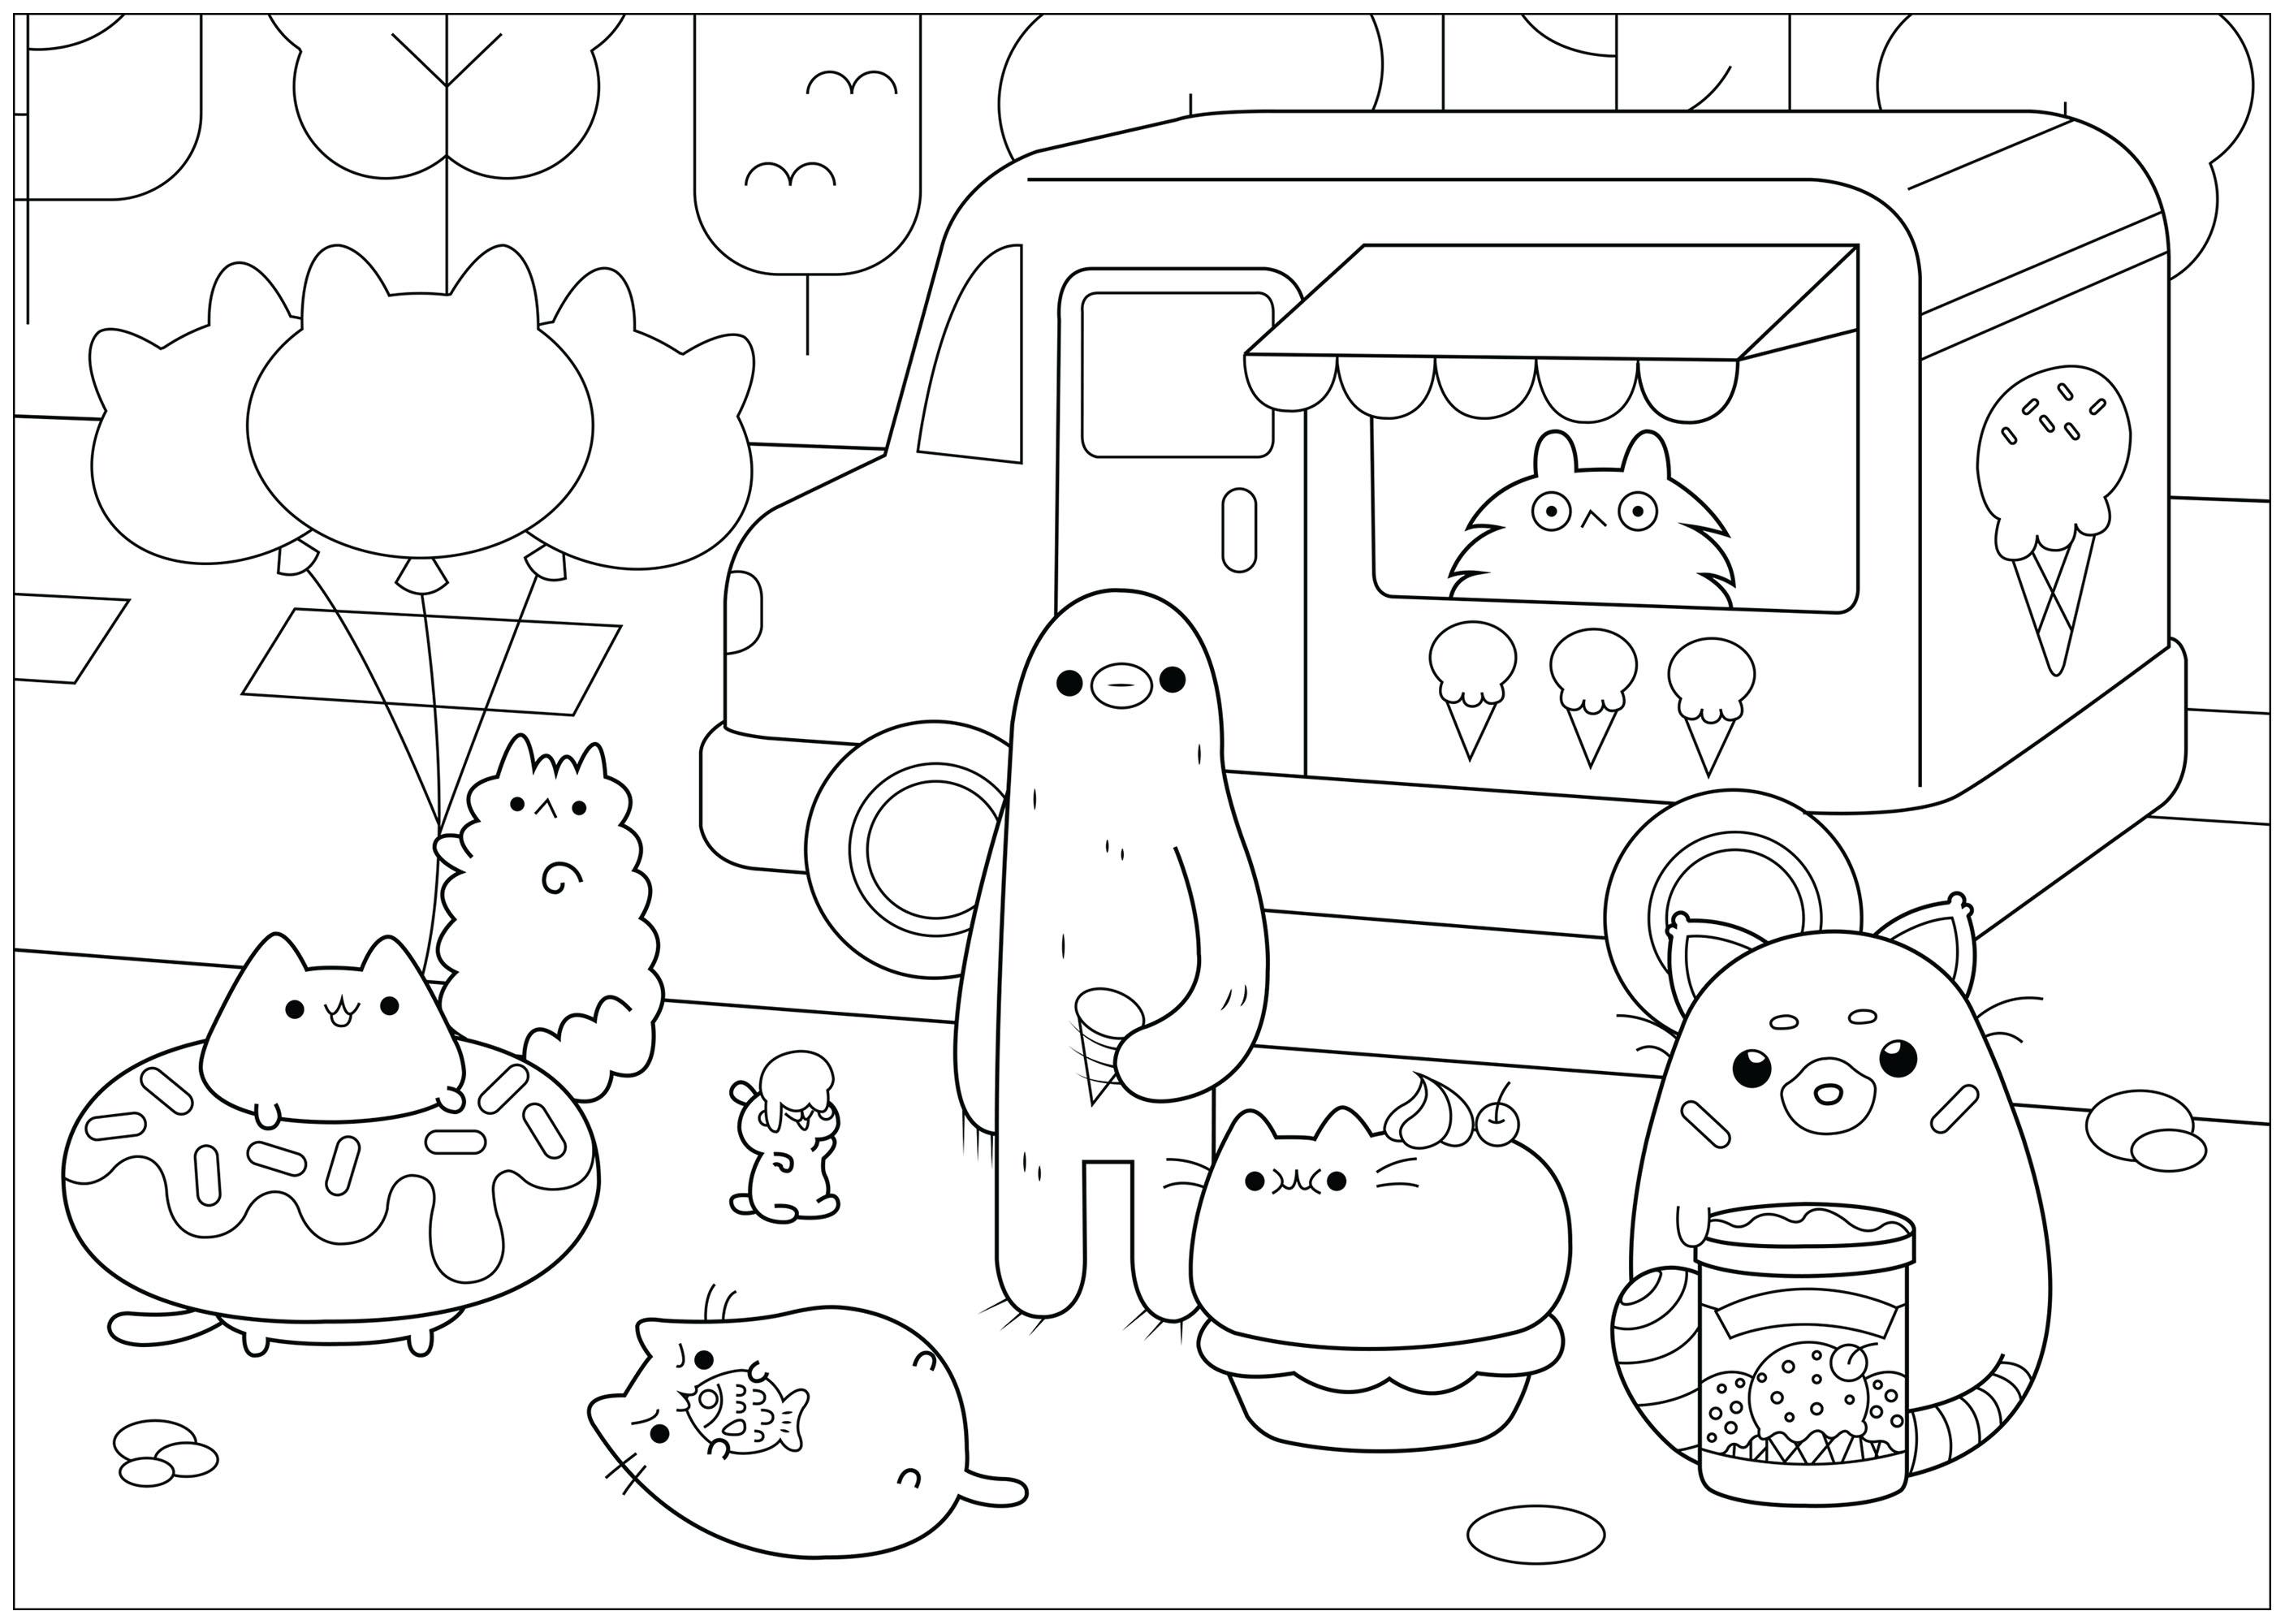 Doodle art doodling 29 - Doodle art / Doodling - Malbuch Fur